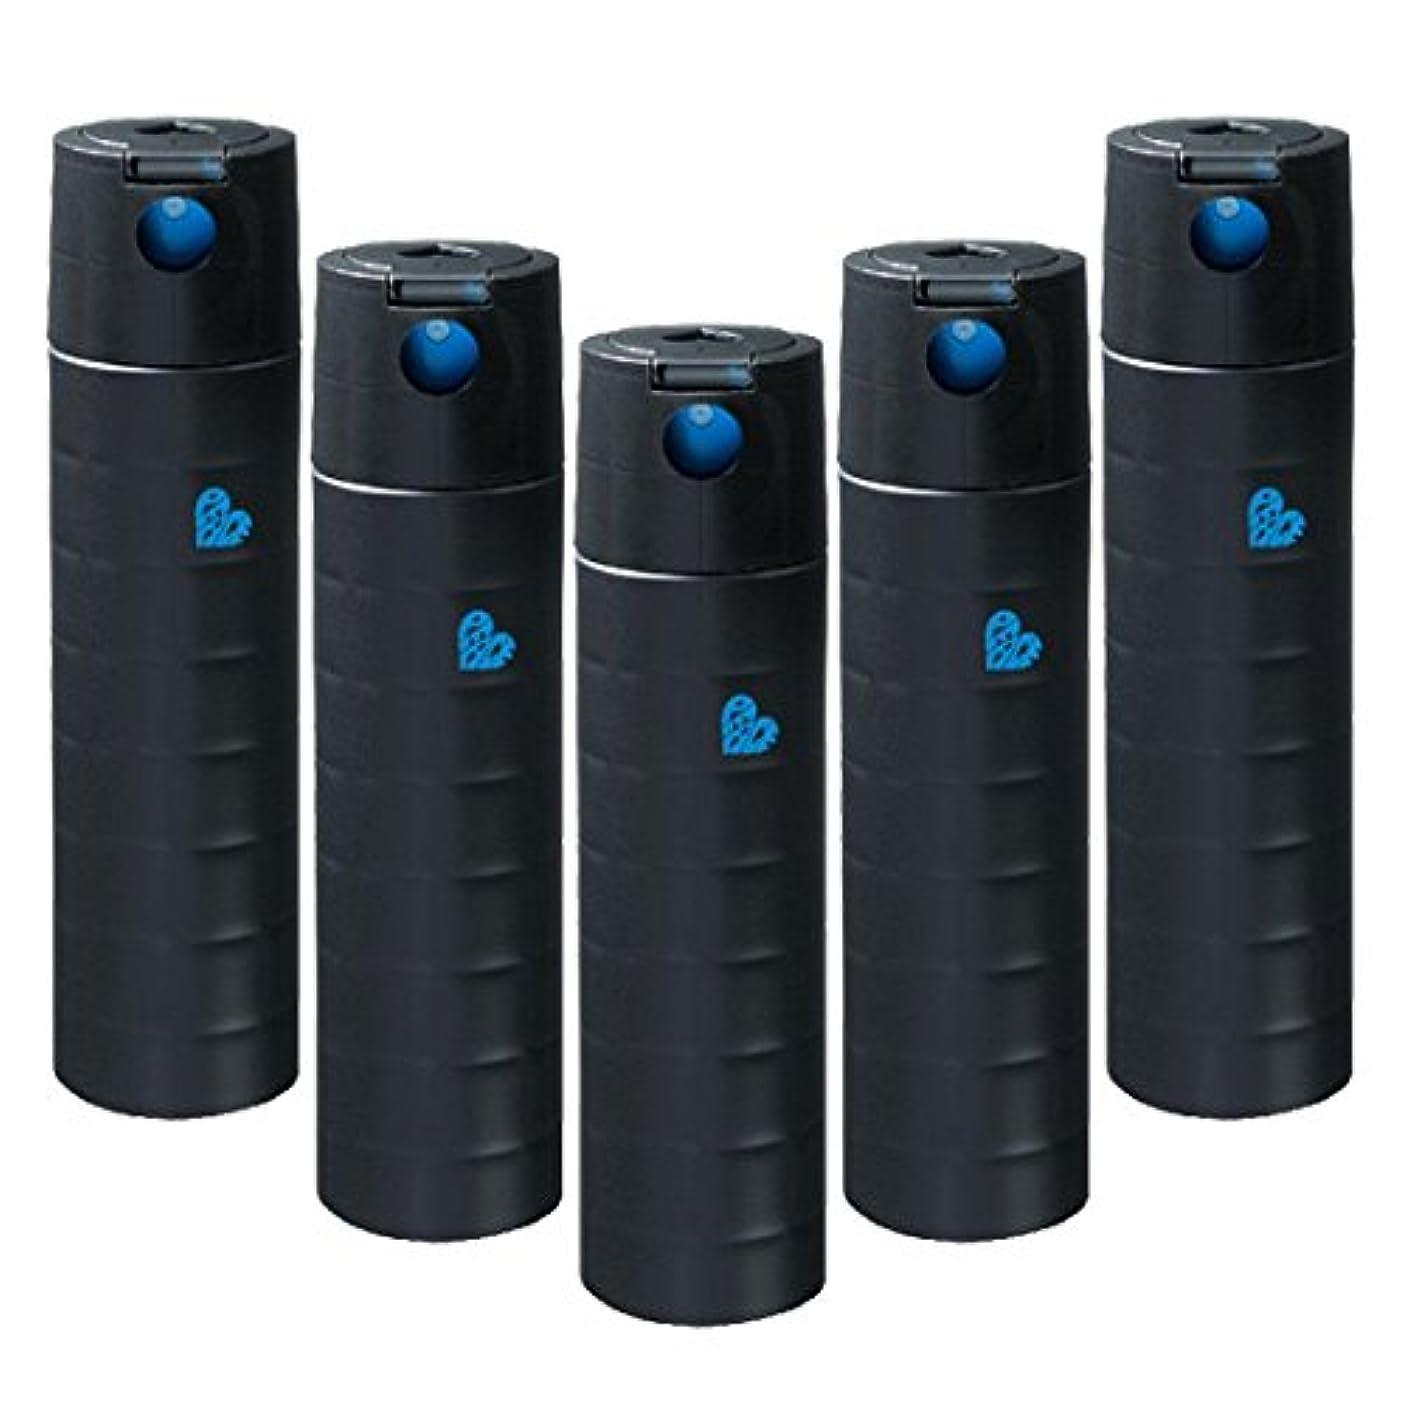 それら六限りなく【x5個セット】 アリミノ ピース フリーズキープspray ブラック 140g (200ml) スプレーライン